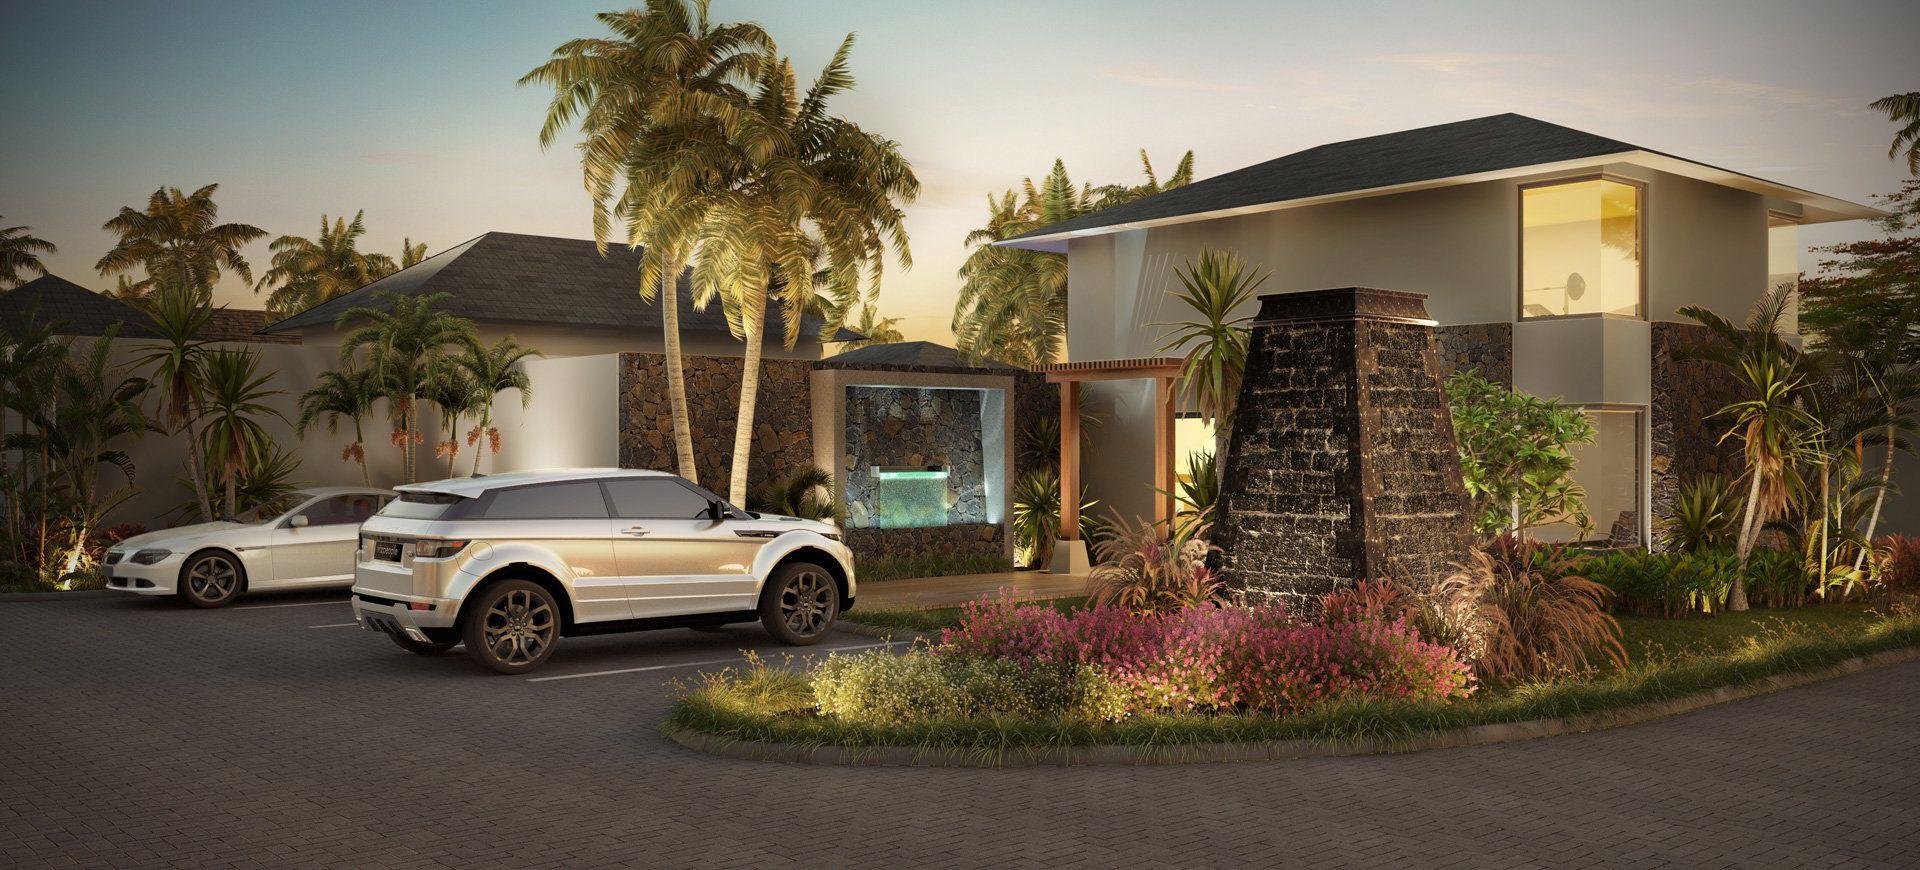 Maison à vendre 5 251.39m2 à Ile Maurice vignette-5